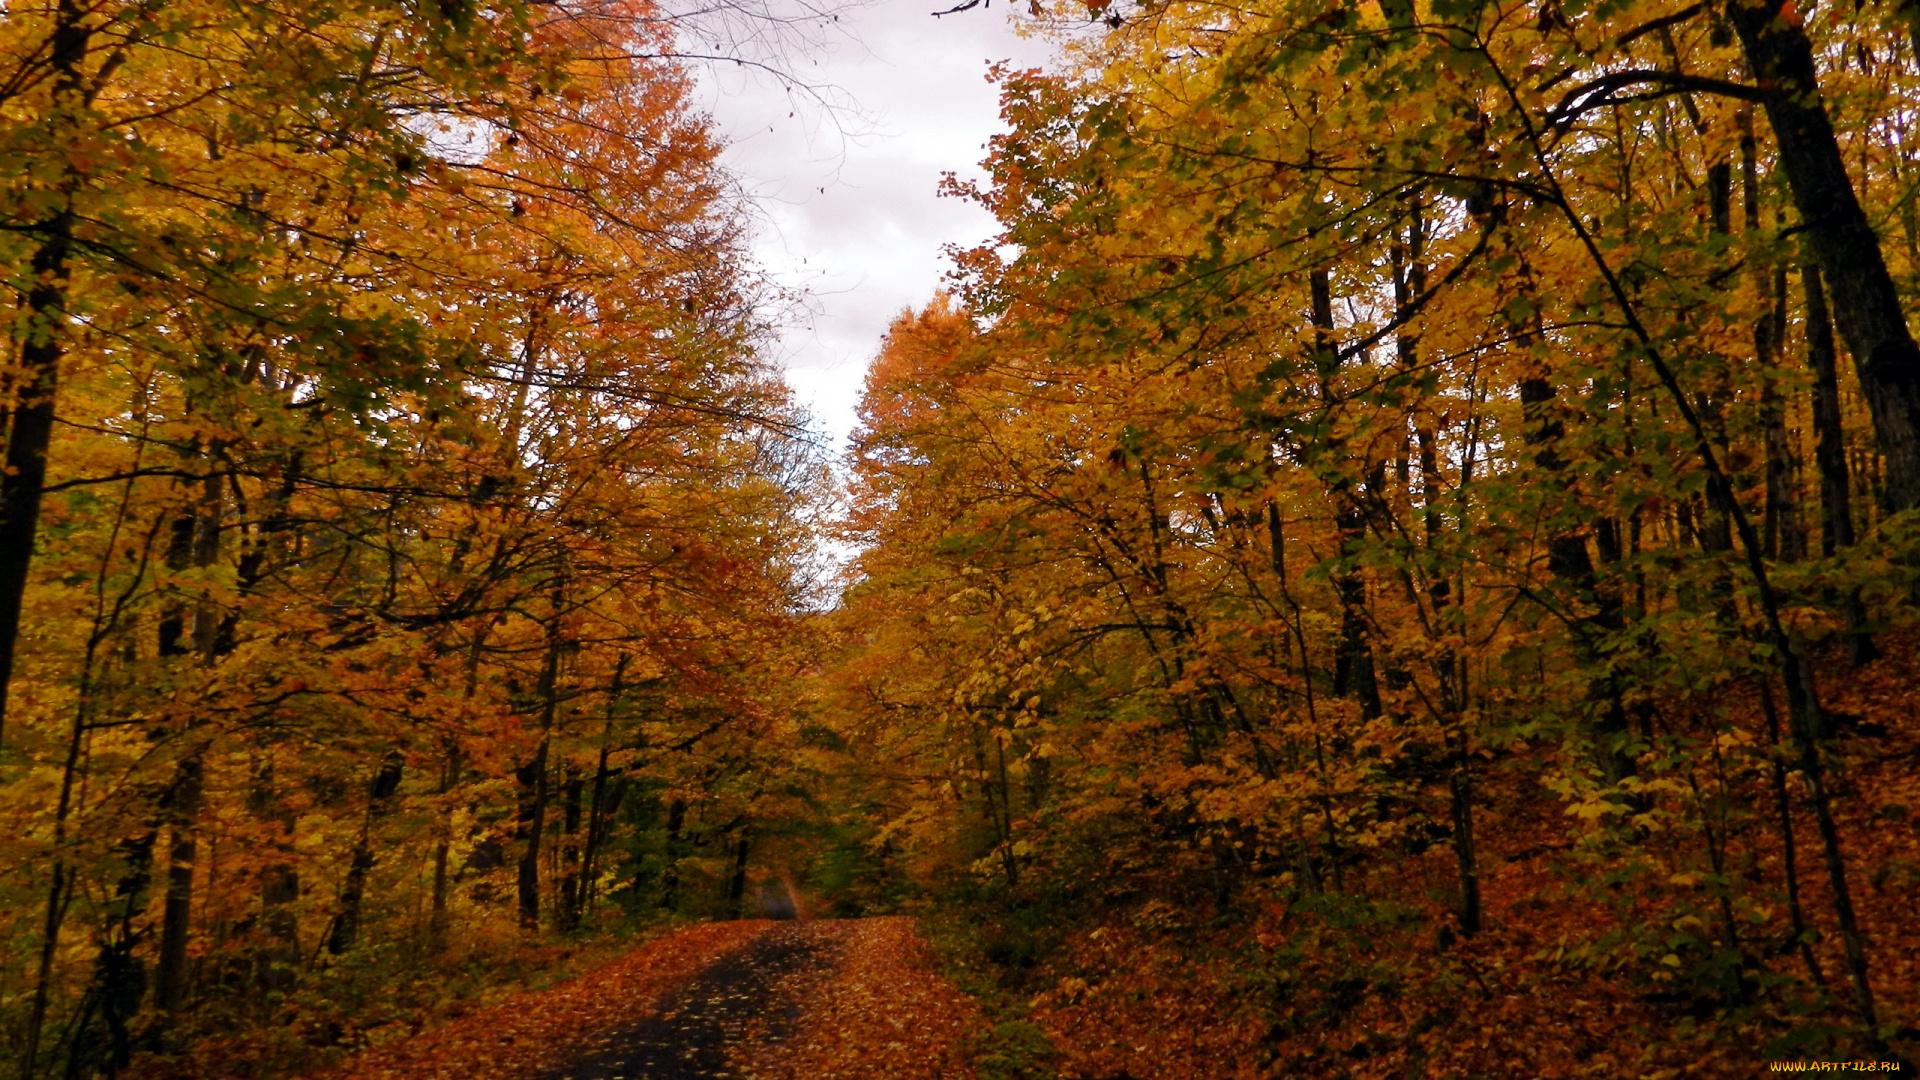 дорога, осень, деревья, листопад без регистрации